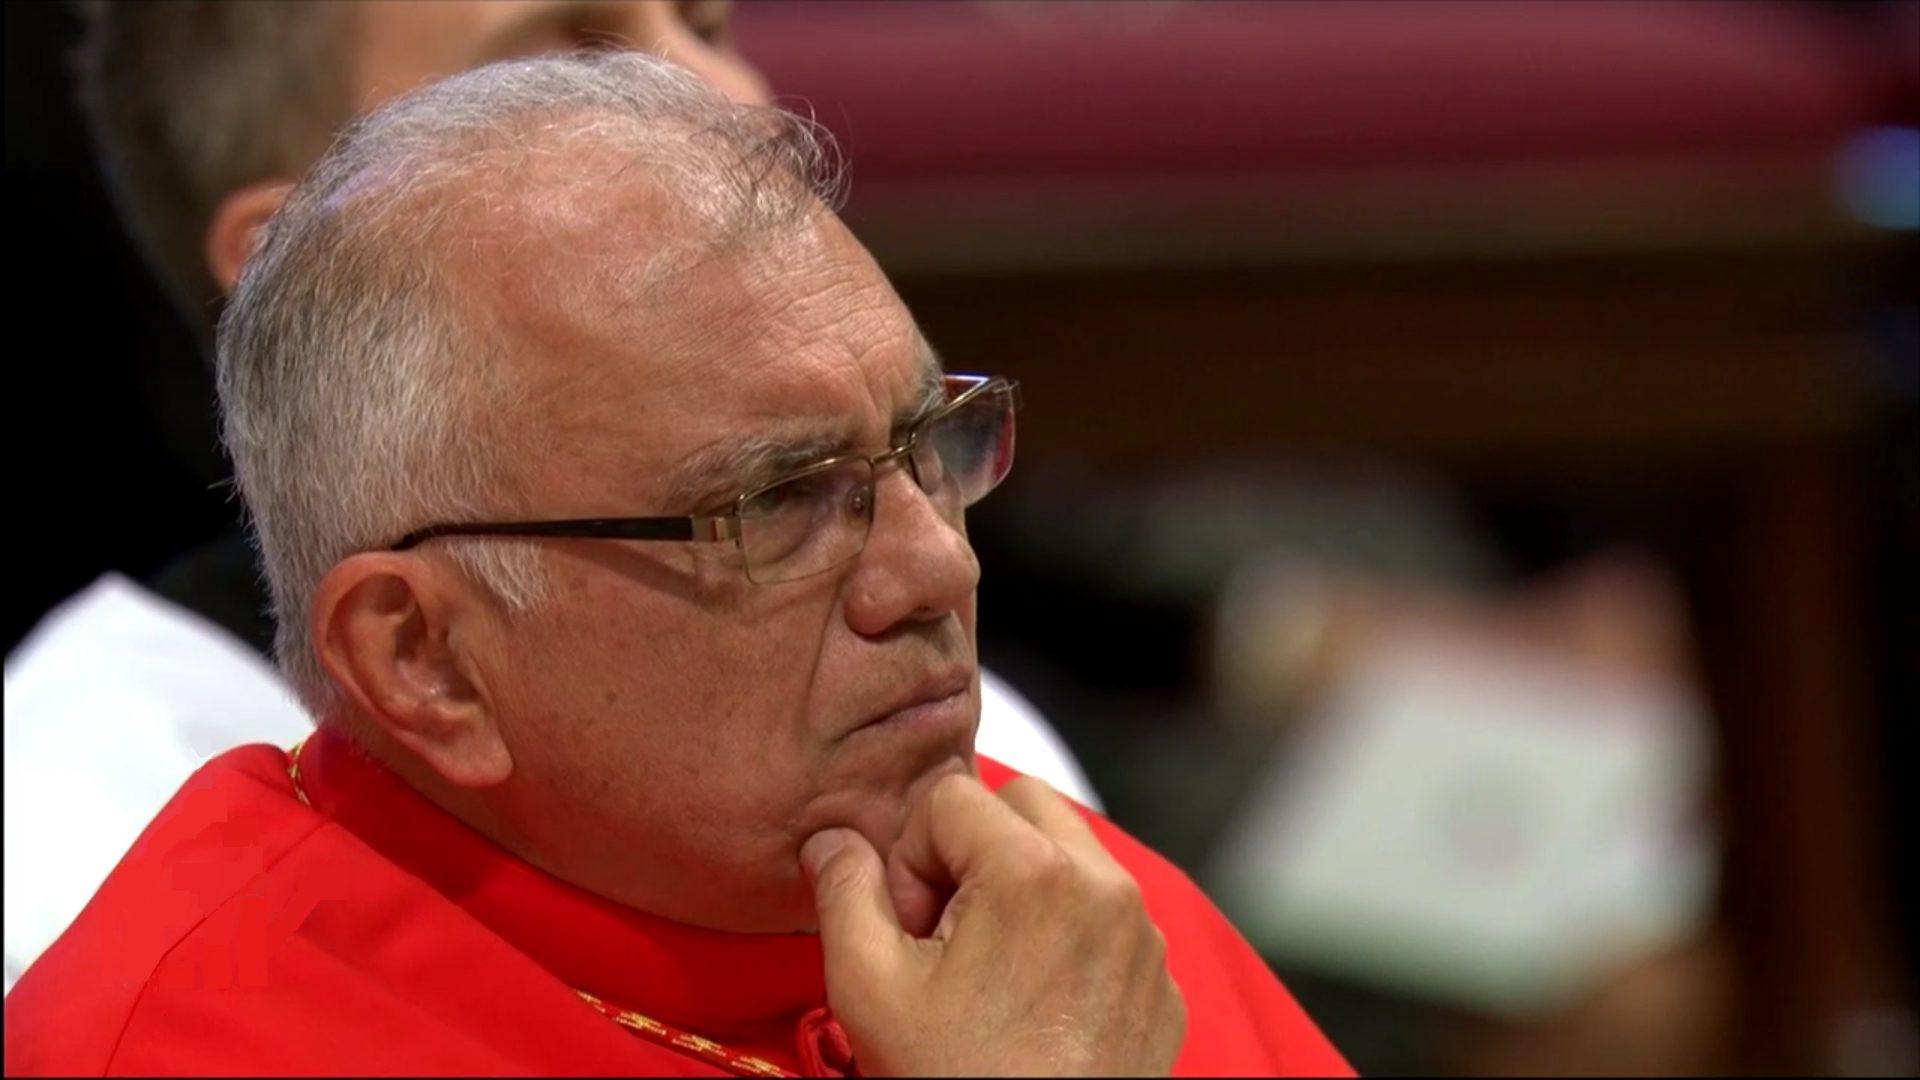 Cardinal Baltazar Porras Cardozo (Foto: Olivier LPB, CC BY 3.0)